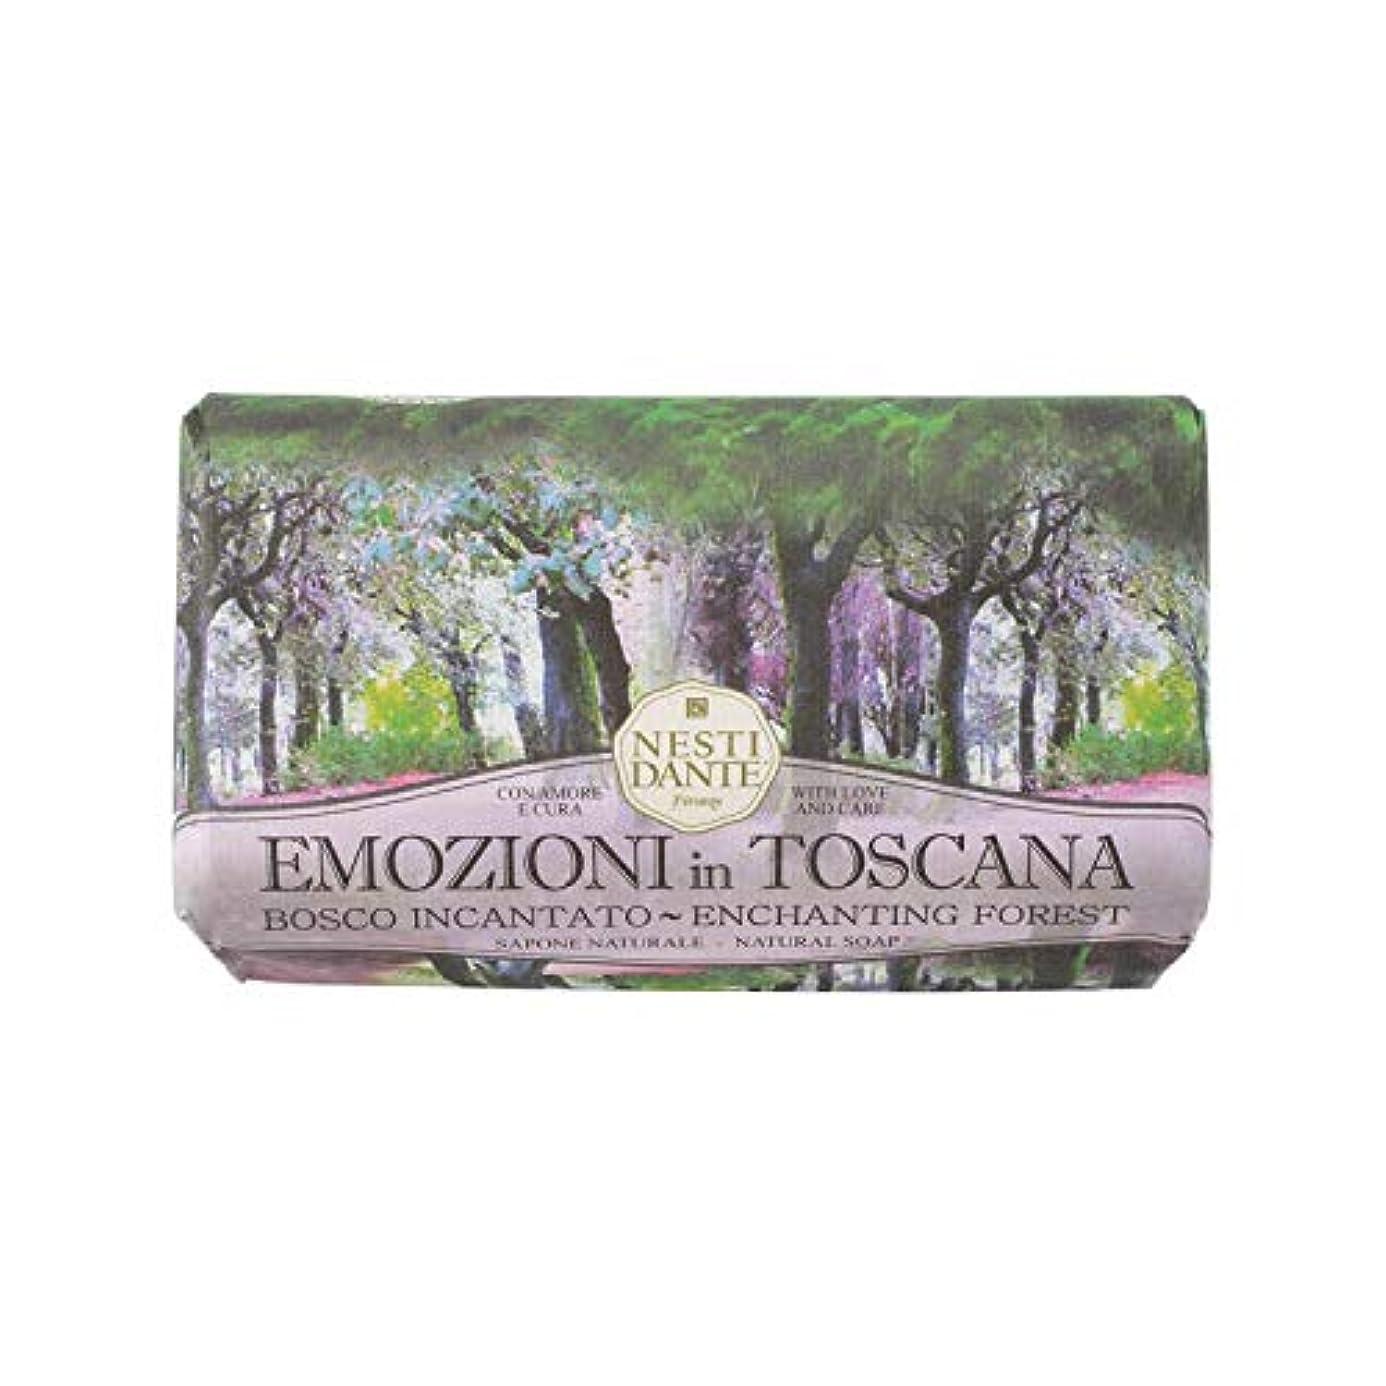 飢え解釈的花束Nesti Dante ネスティダンテ エモジオーニイントスカーナソープ ボスコ インカンタト 250g